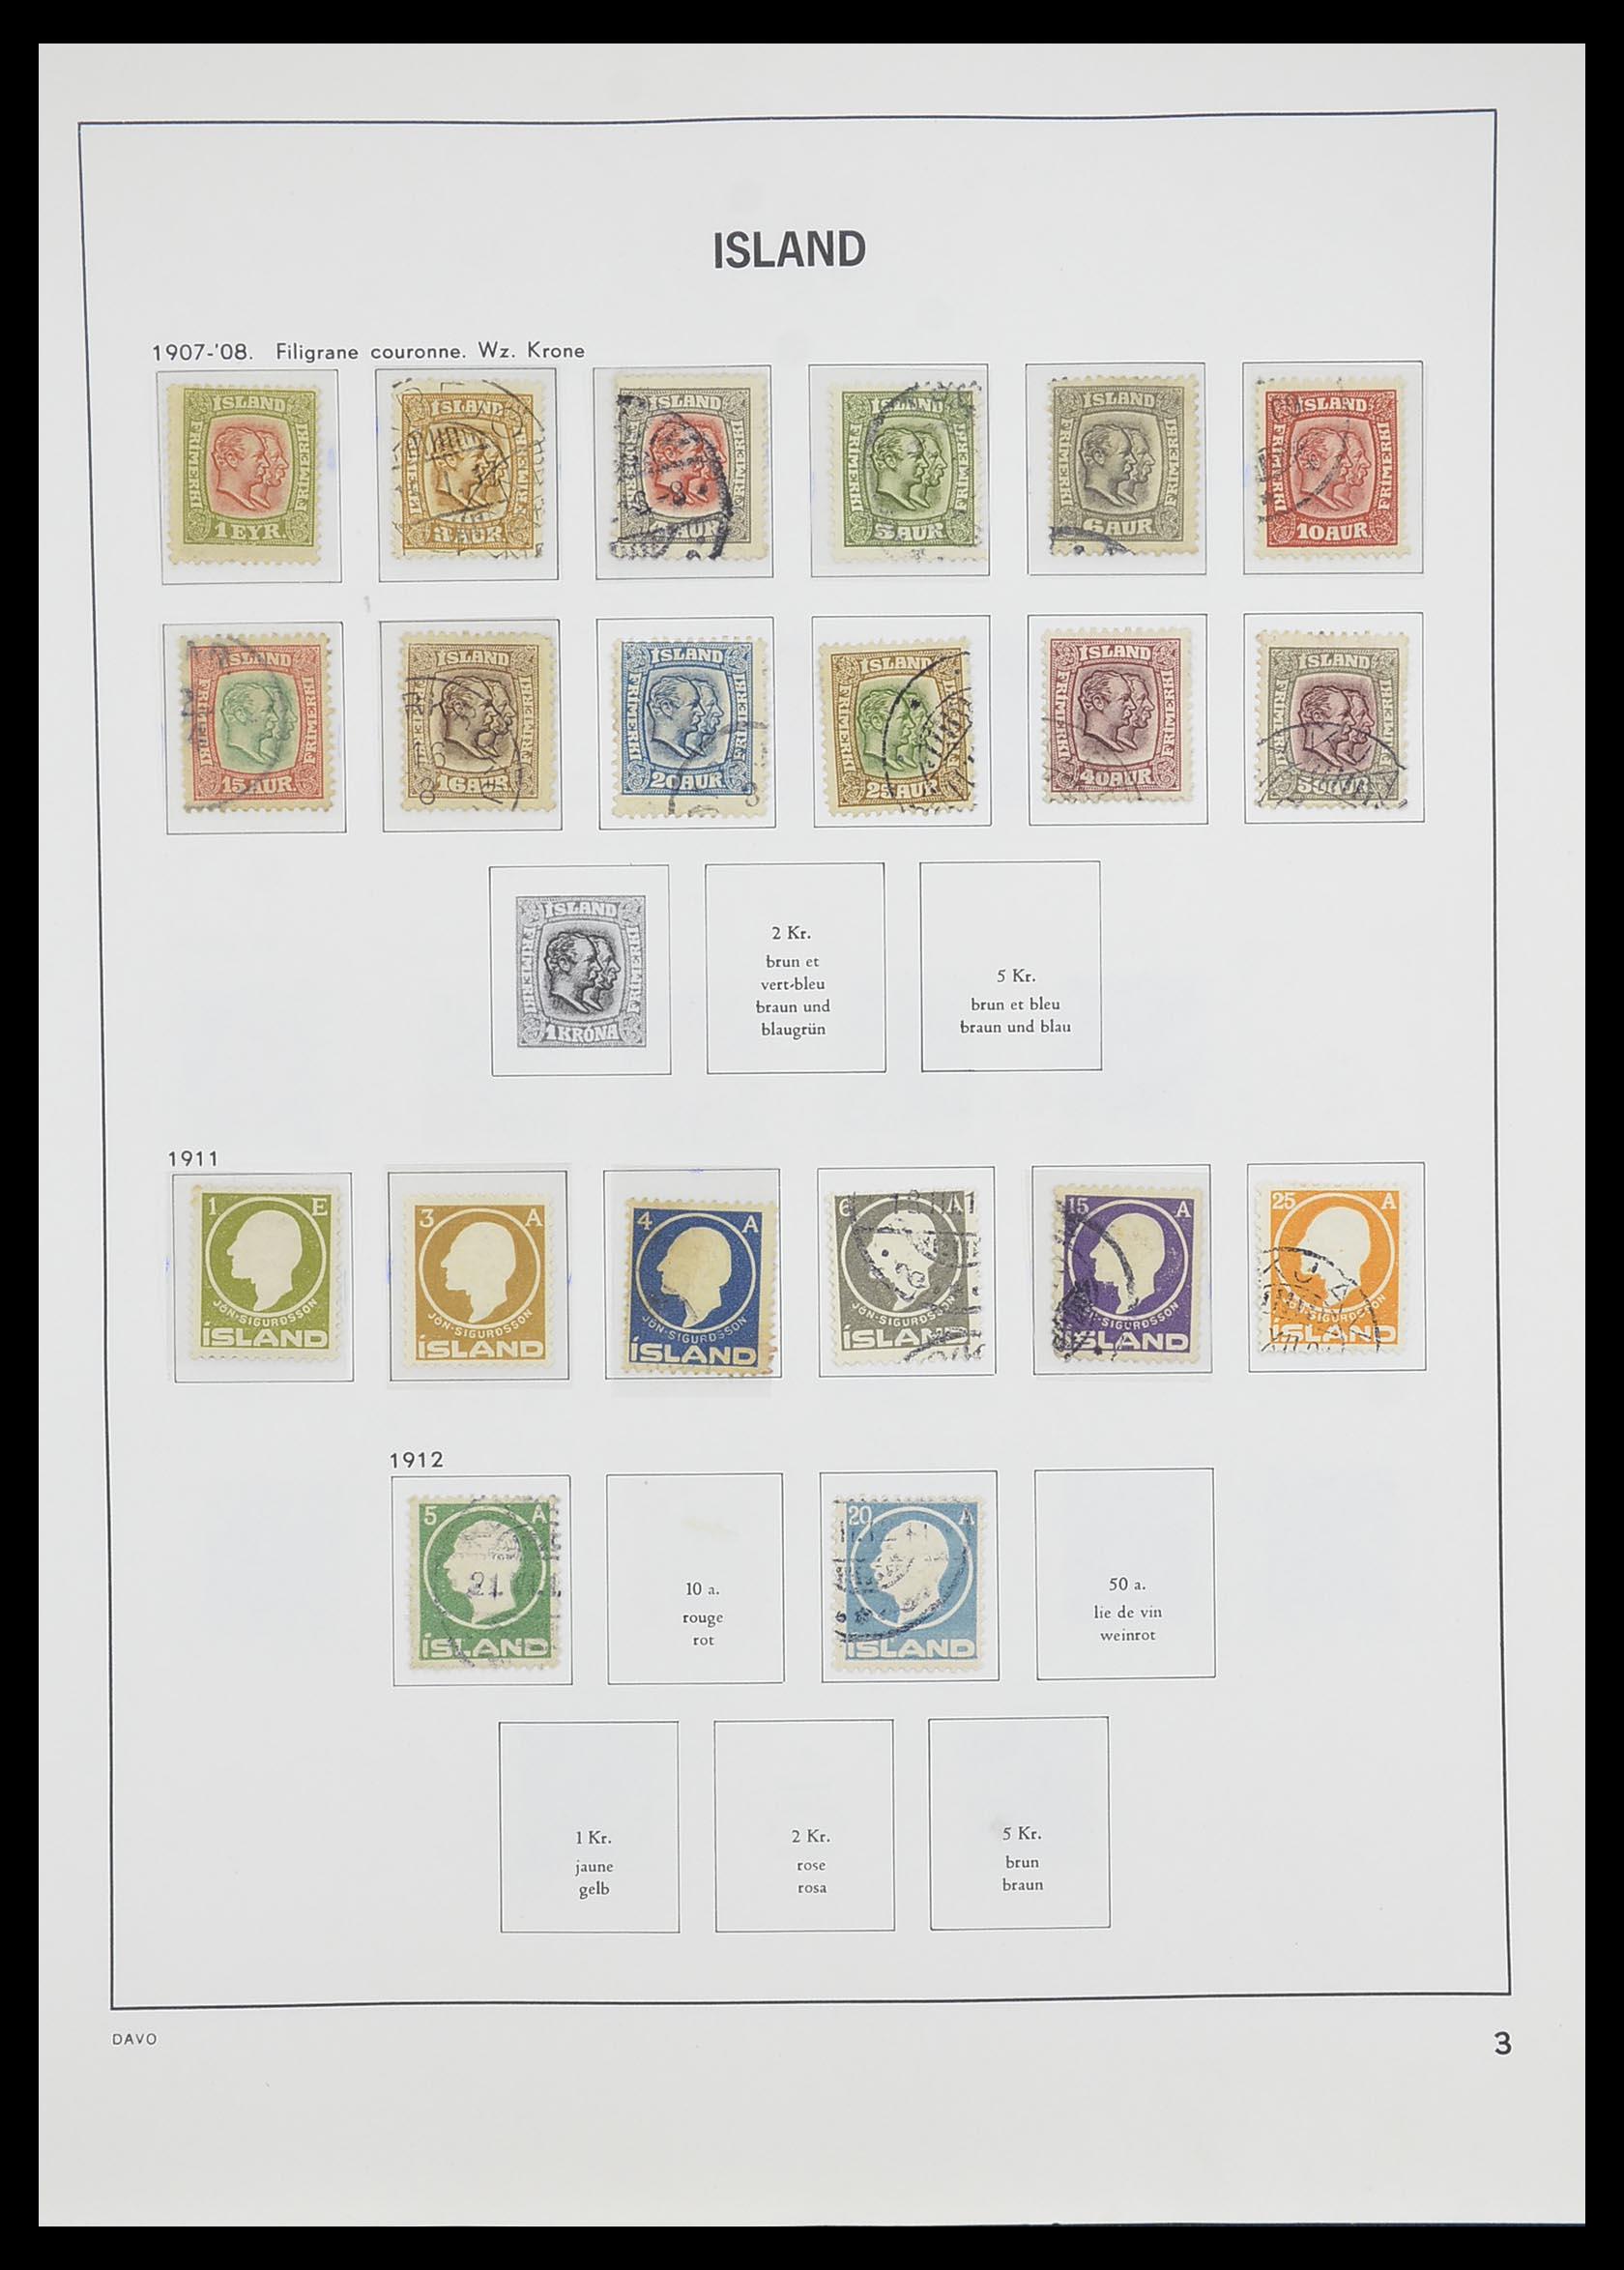 33785 003 - Postzegelverzameling 33785 IJsland 1876-1990.